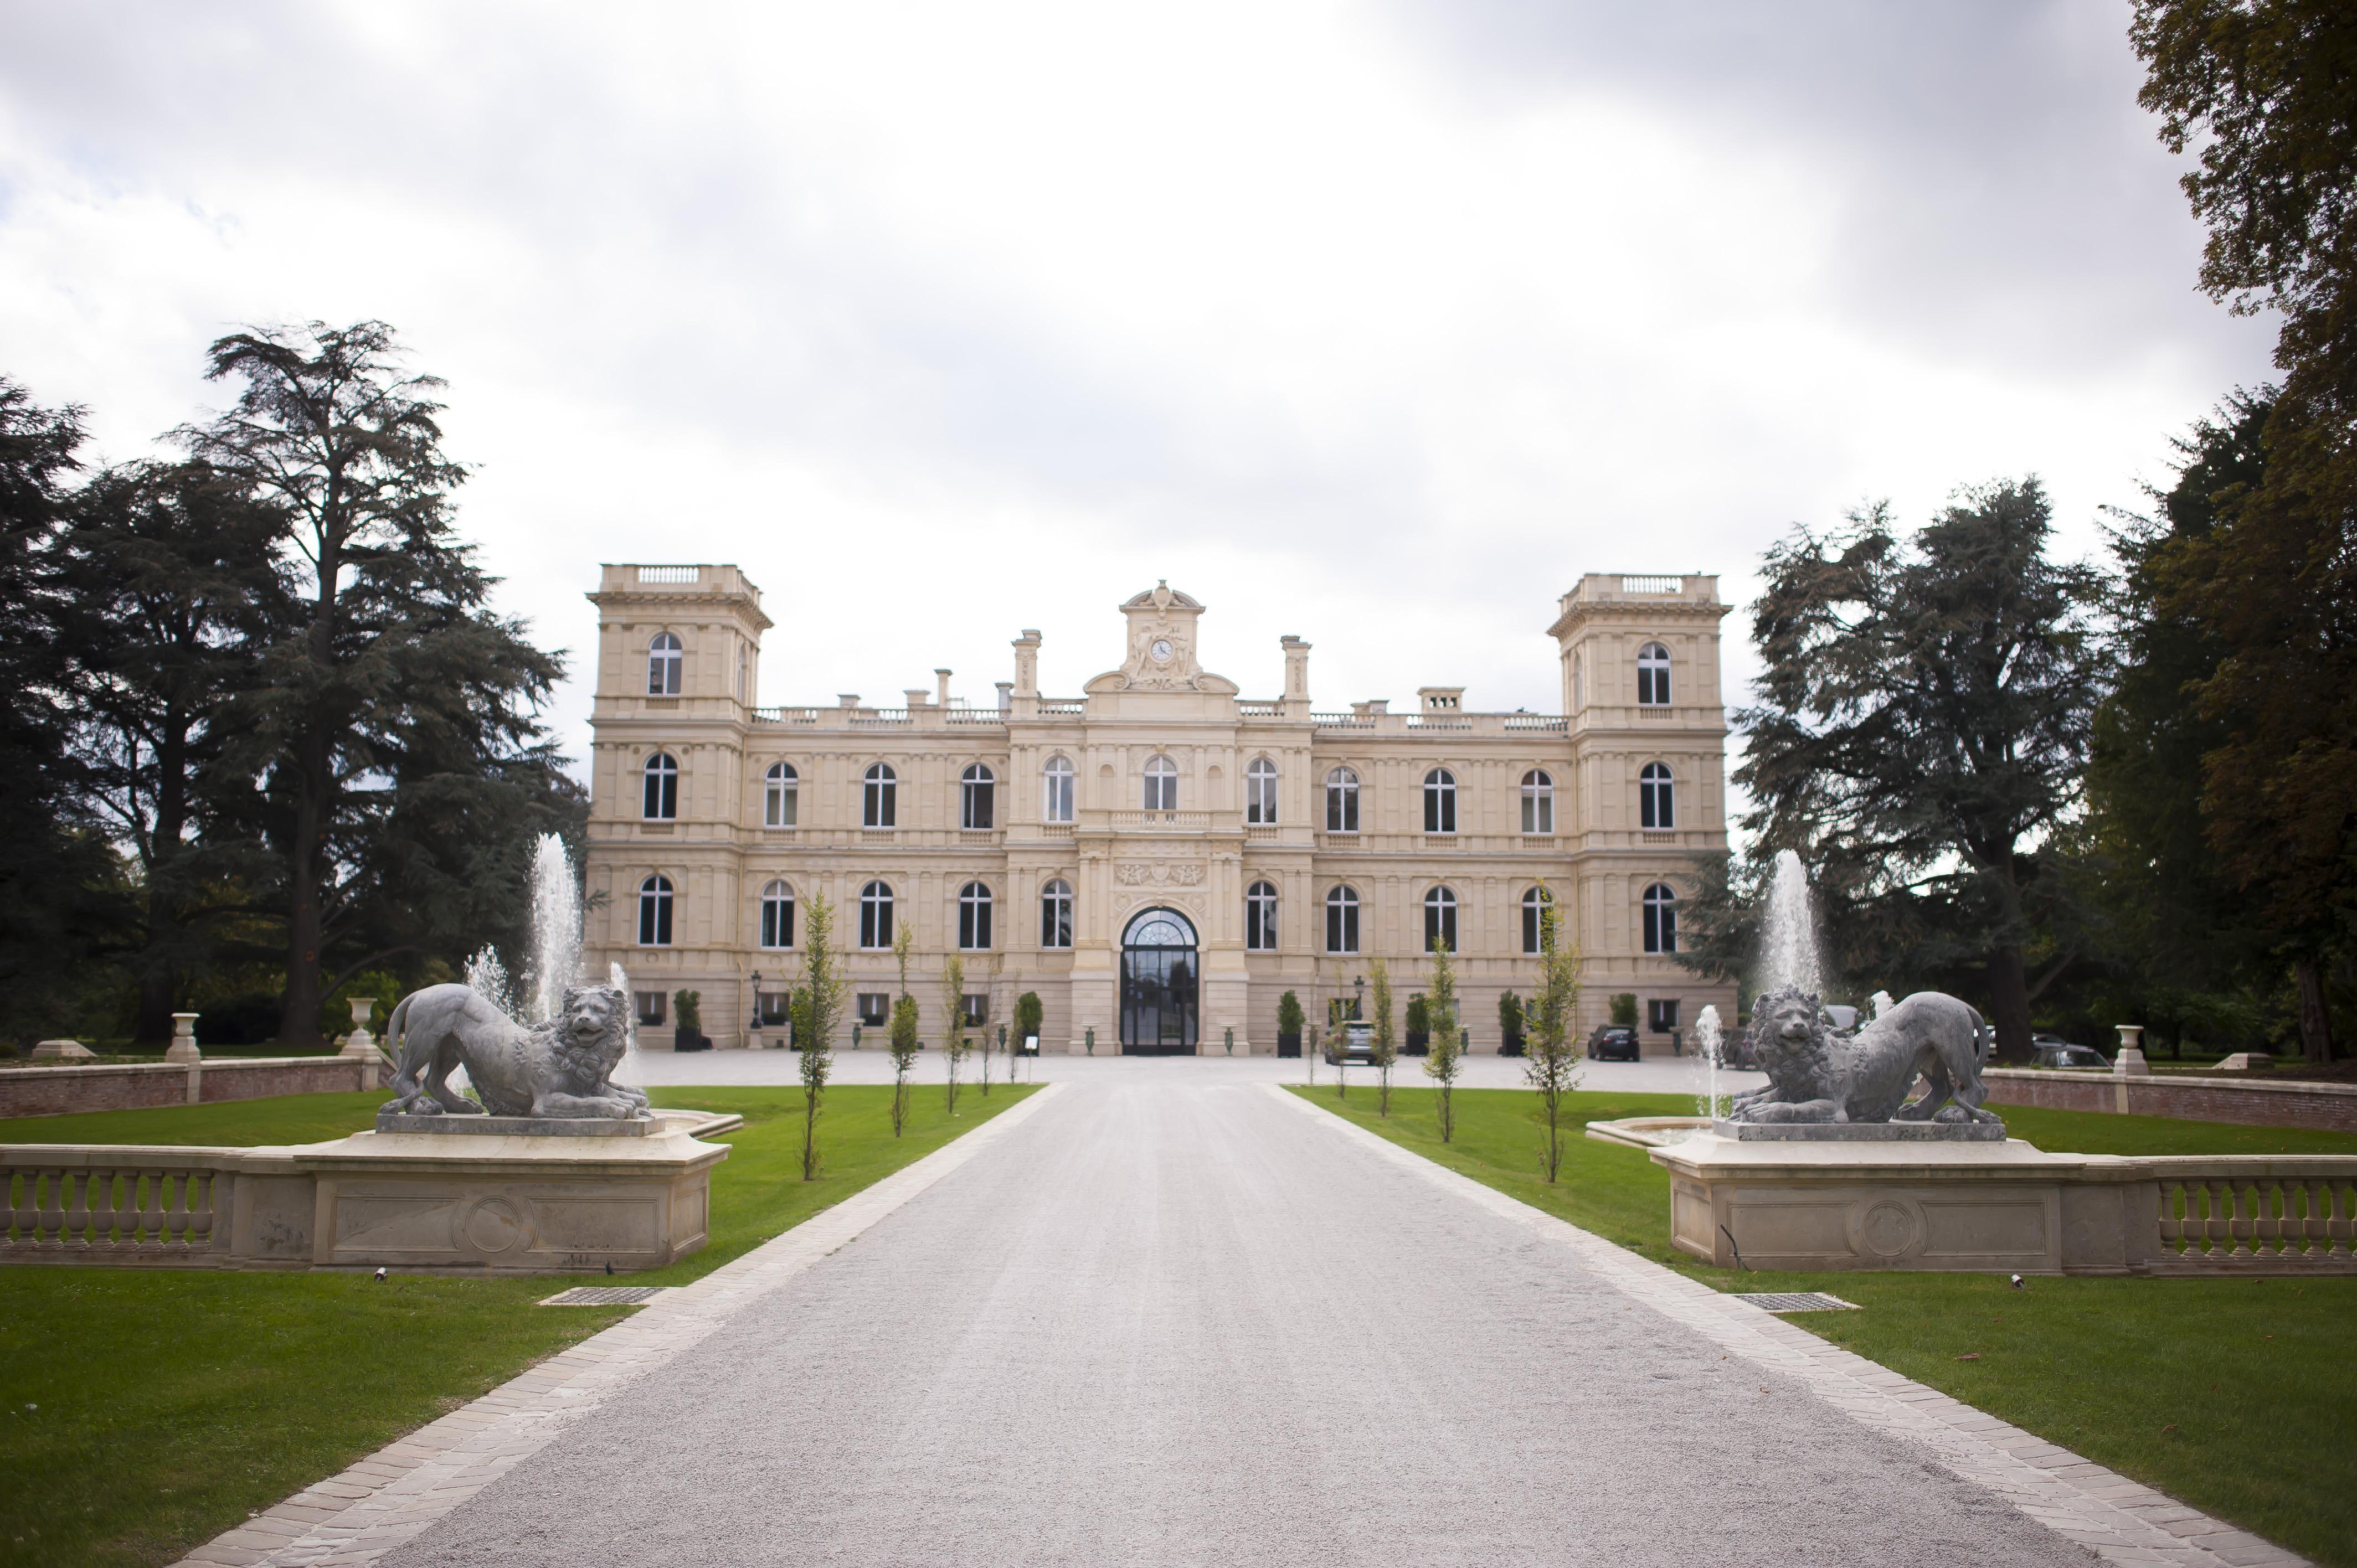 L'école Ferrières est installée dans le château éponyme, légué par la famille de Rothschild à la commune de Ferrières-en-Brie, en Seine-et-Marne. - DR